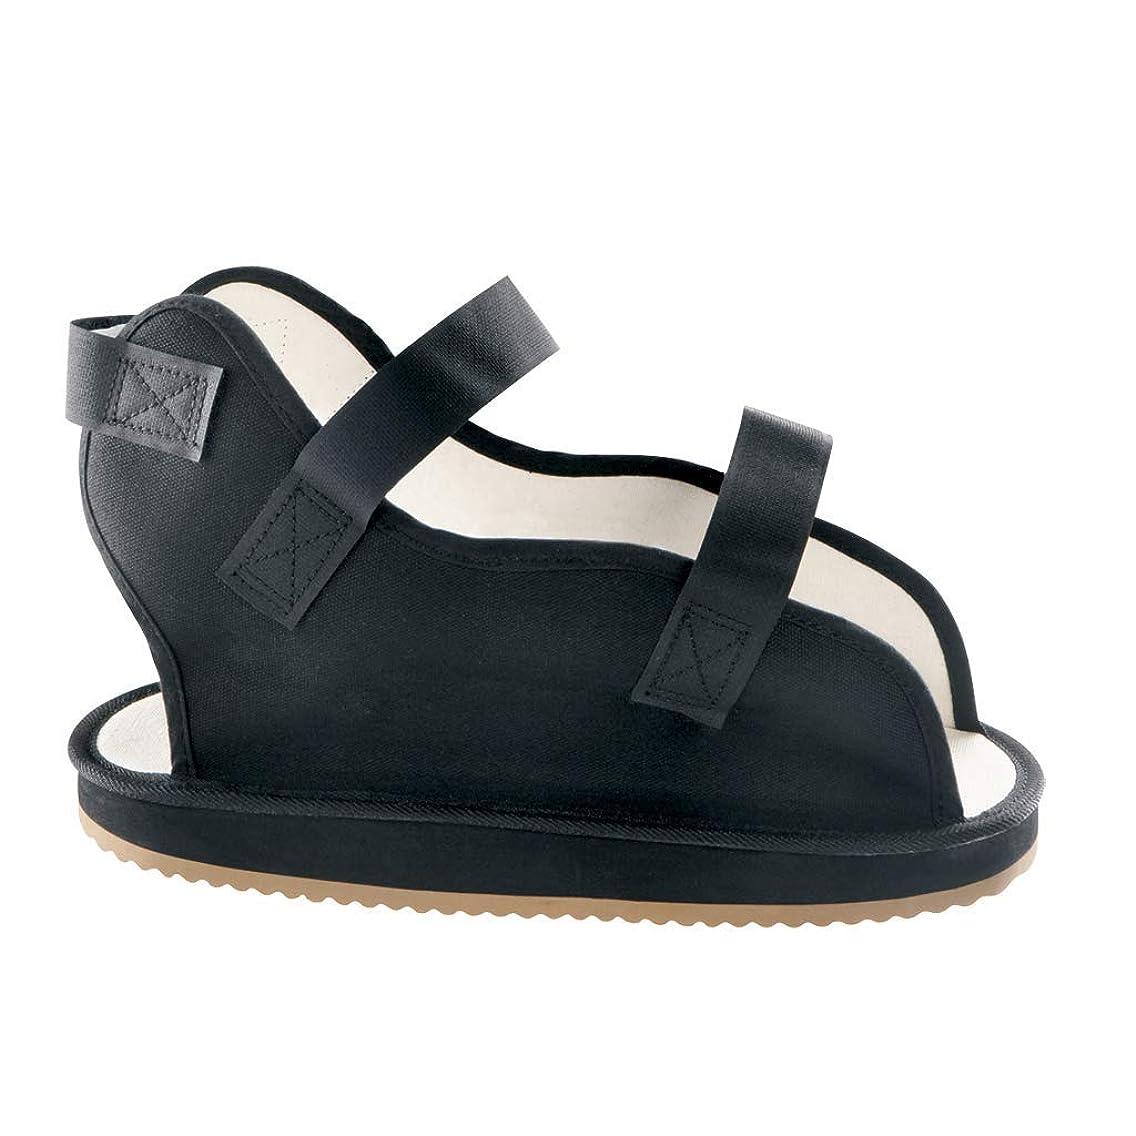 Ossur Canvas Rocker Bottom Cast Shoes - Premium Quality Maximum Post-Op Protection Contact Closure, Open Toe Sandal (Black, Large)